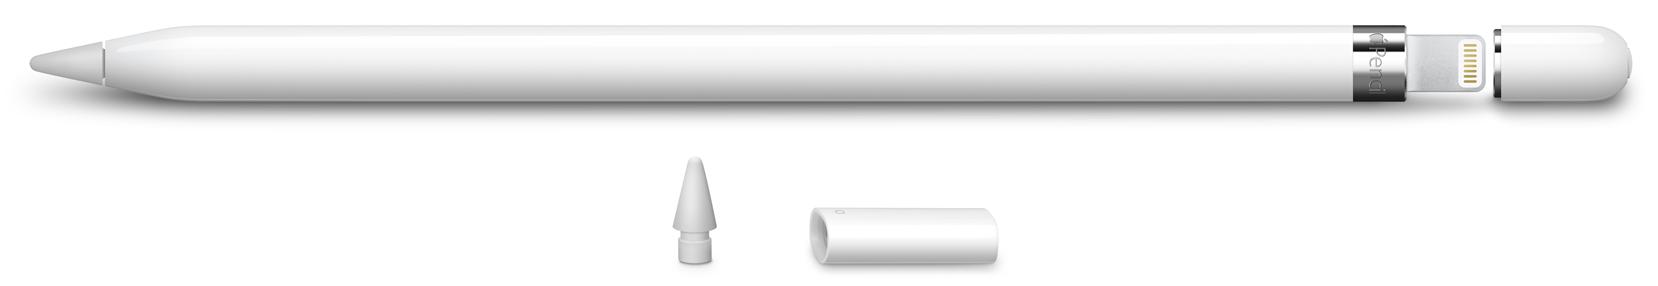 Vídeo: veja um teste bem preciso que mede o lag do Apple